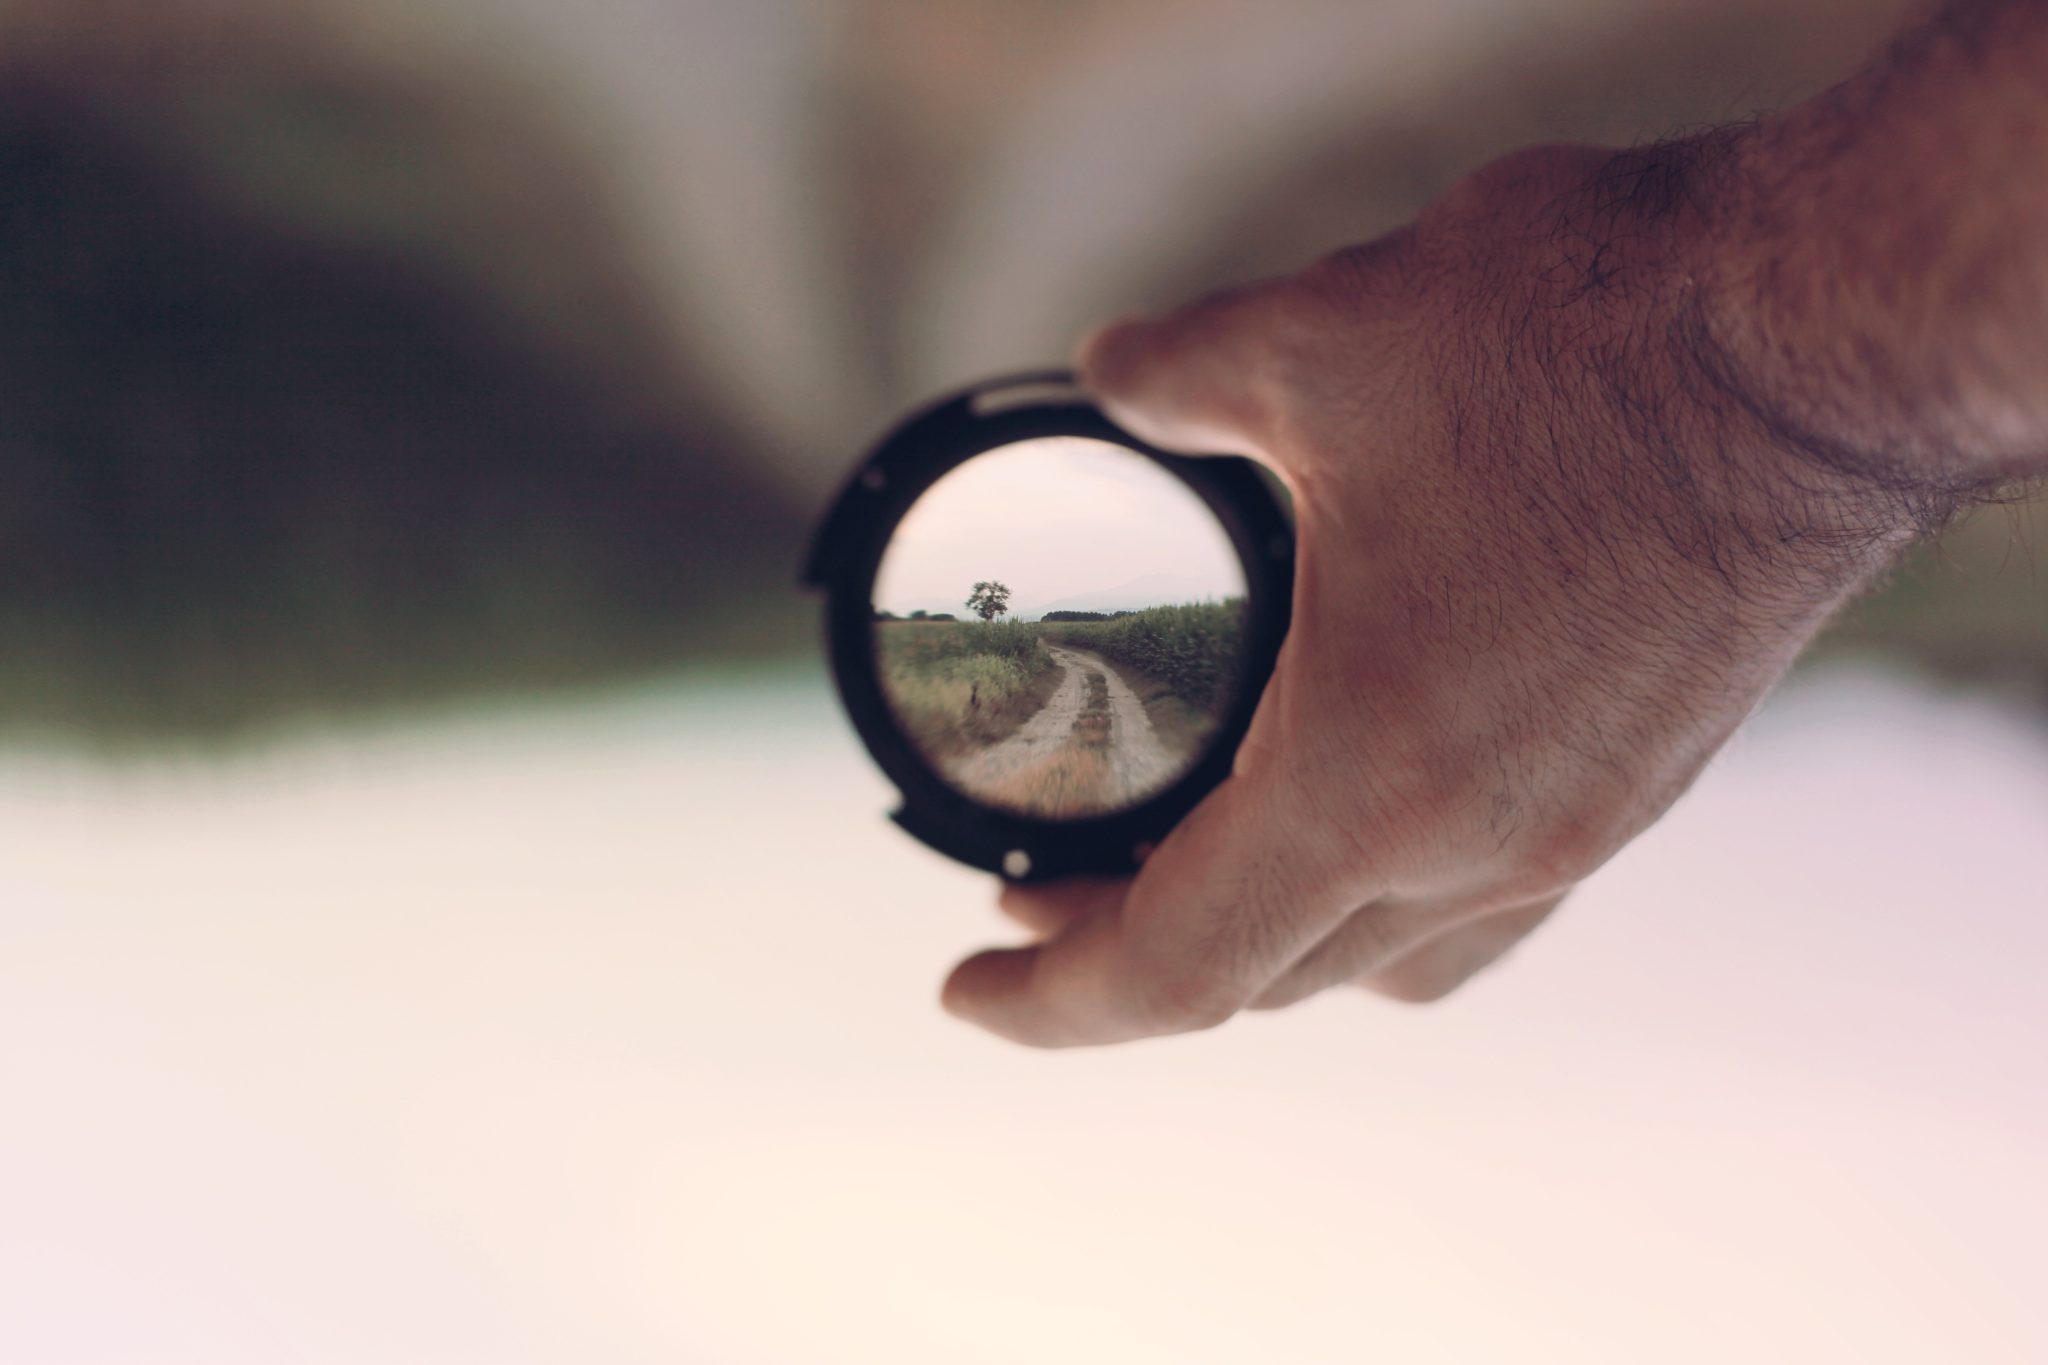 tener un punto significa enfocarse en un objetivo al igual que esta imagen solo se puede ver enfocando adecuadamente a través de un espejo